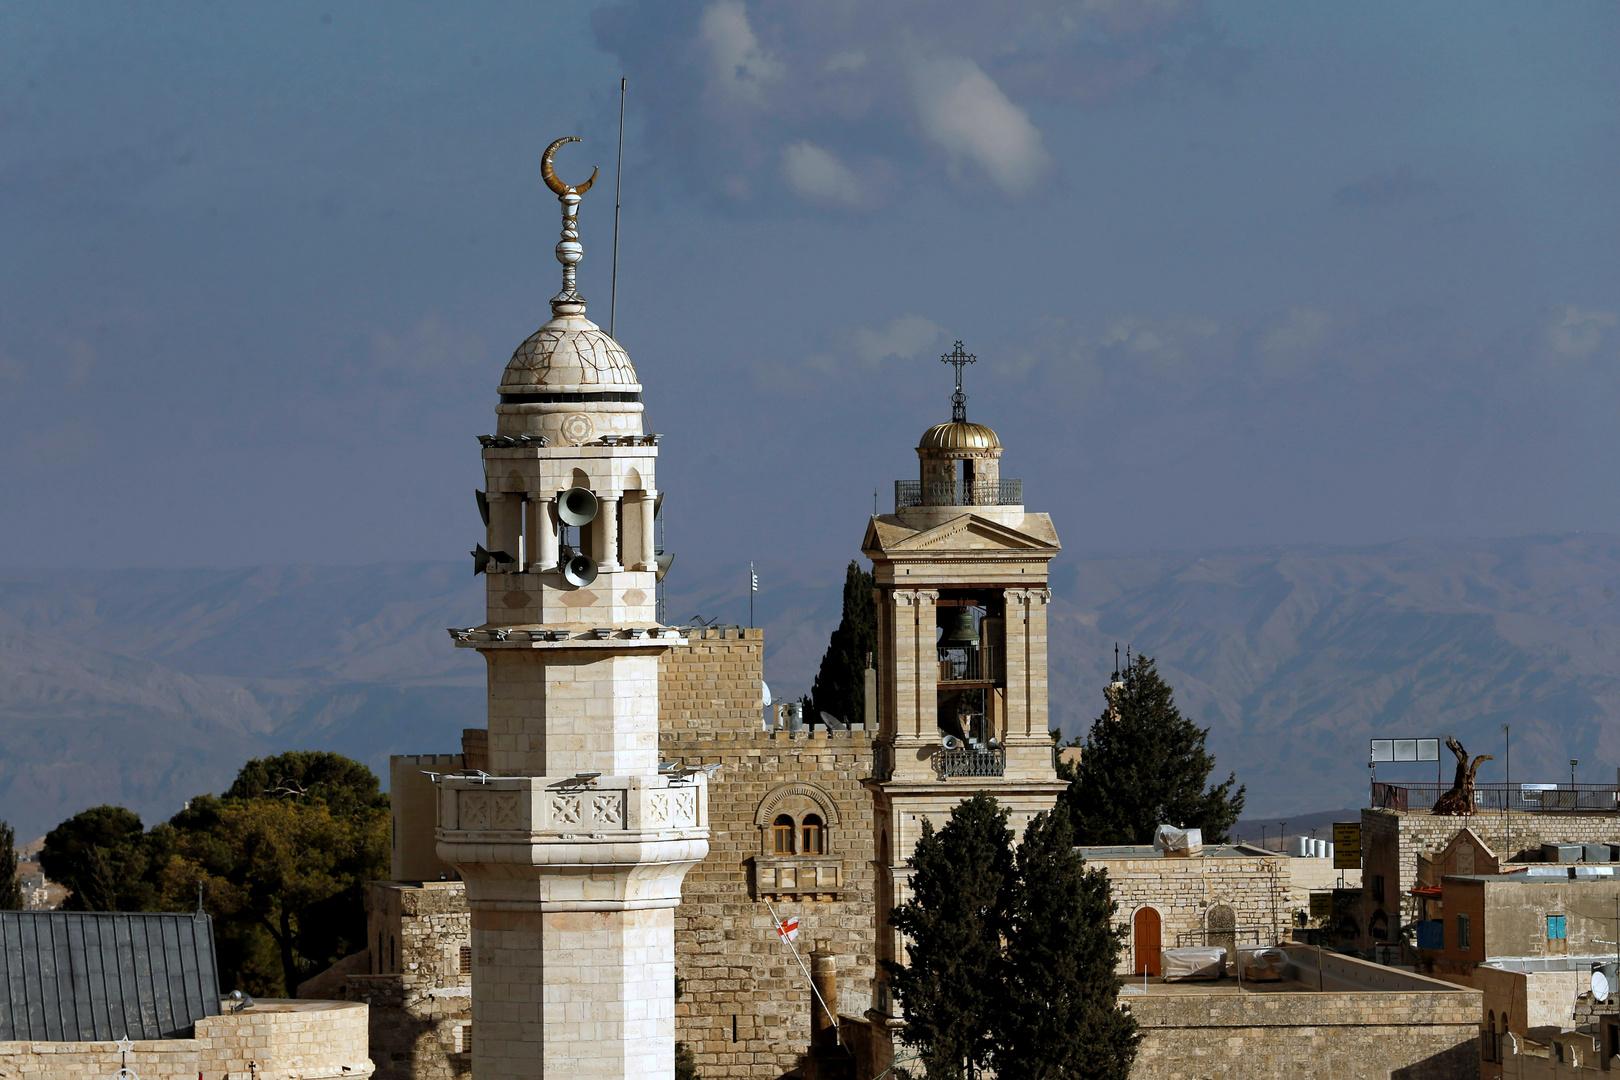 إعلان حالة الطوارئ في فلسطين بعد تفشي كورونا وكنيسة المهد تعلن إغلاق أبوابها